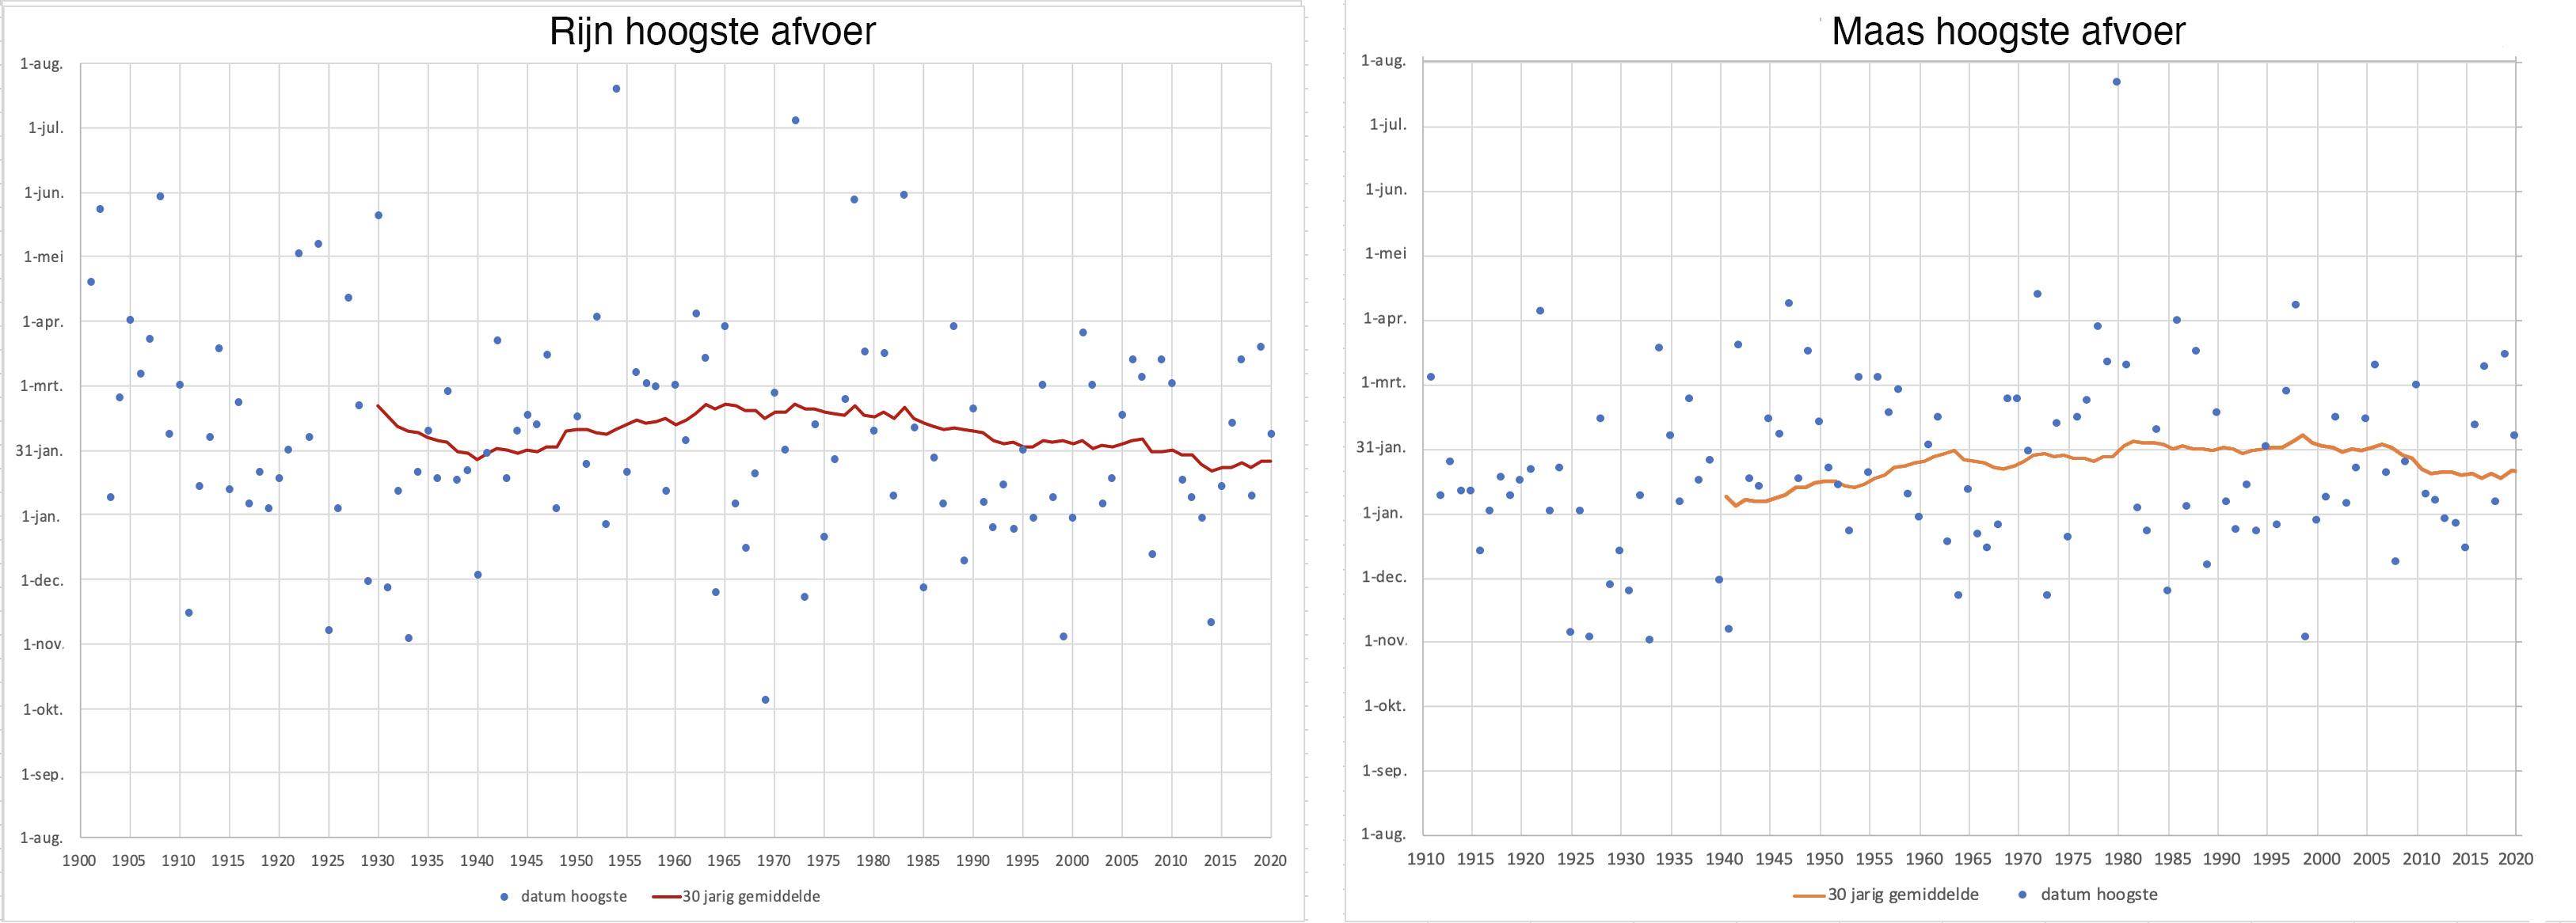 Datum waarin in de Rijn (links) en de Maas (rechts) van jaar tot jaar de hoogste stand werd bereikt. De blauwe stippen zijn de data van ieder jaar, de lijn geeft het gemiddelde van de 30 voorgaande jaren aan.